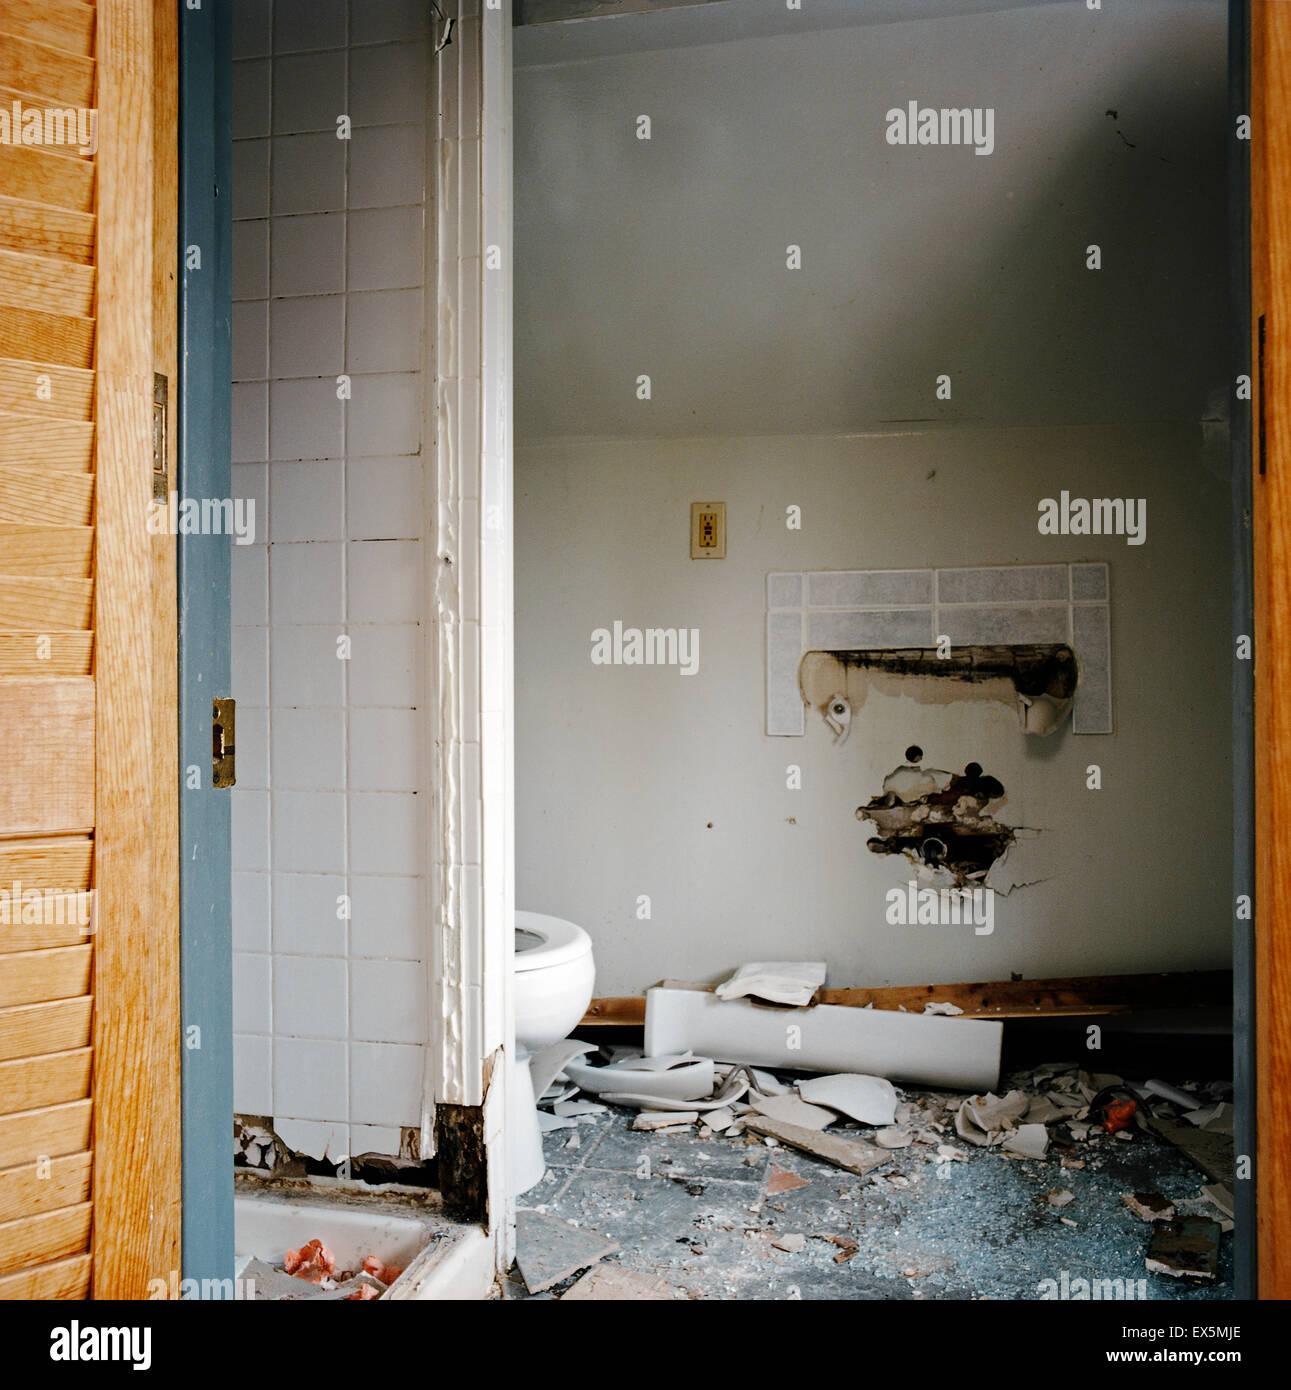 Shower Towel Broke: Broken Toilet Stock Photos & Broken Toilet Stock Images